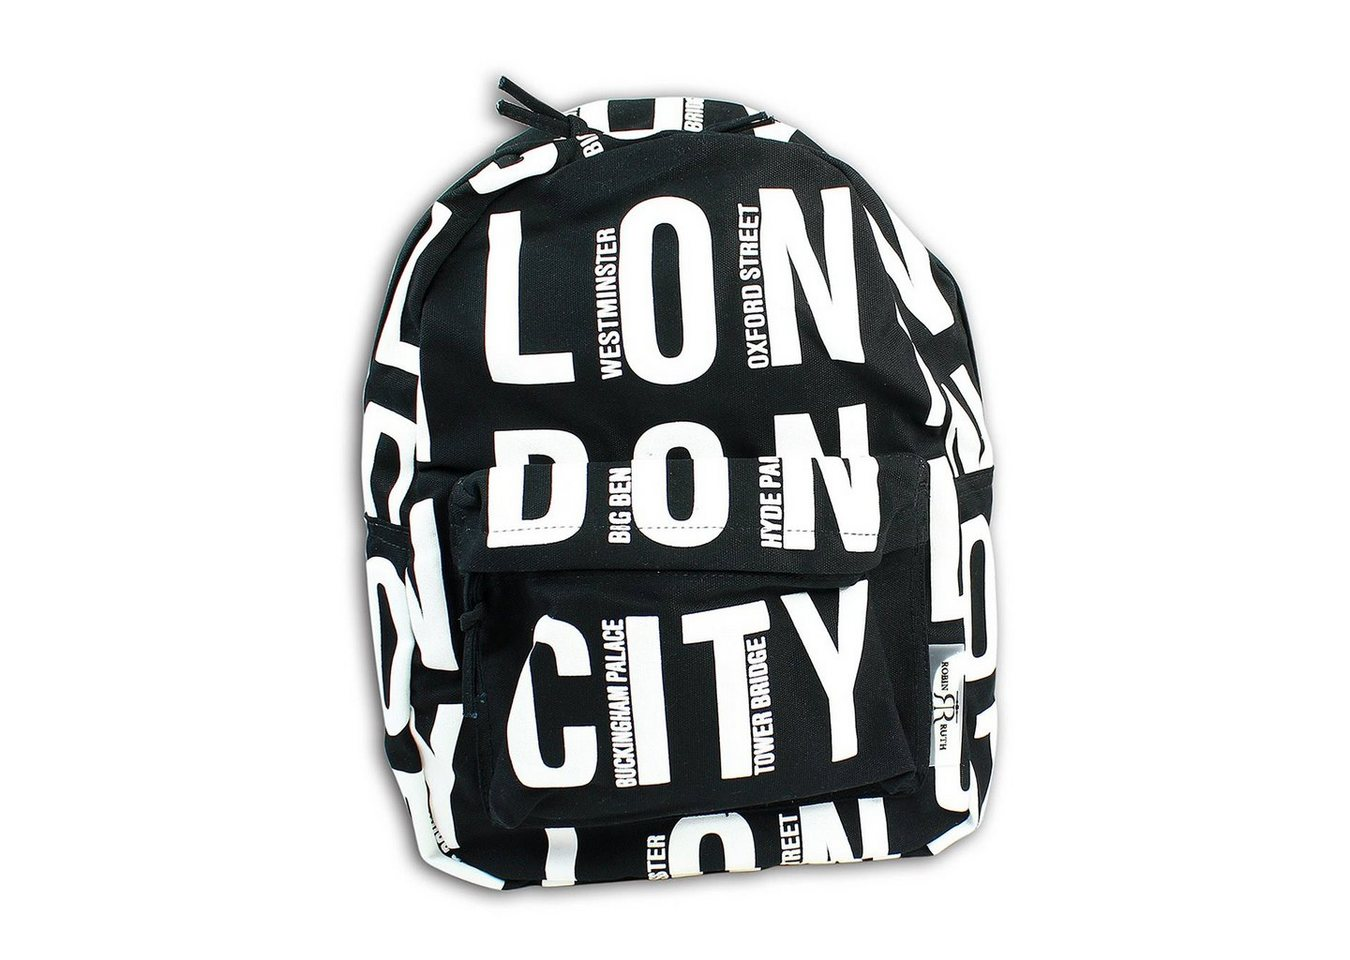 robin ruth -  Freizeitrucksack »OTG6020S  London City Rucksack schwarz«, Jugend, Damen Freizeitrucksack, Sportrucksack Baumwolle, schwarz, weiß